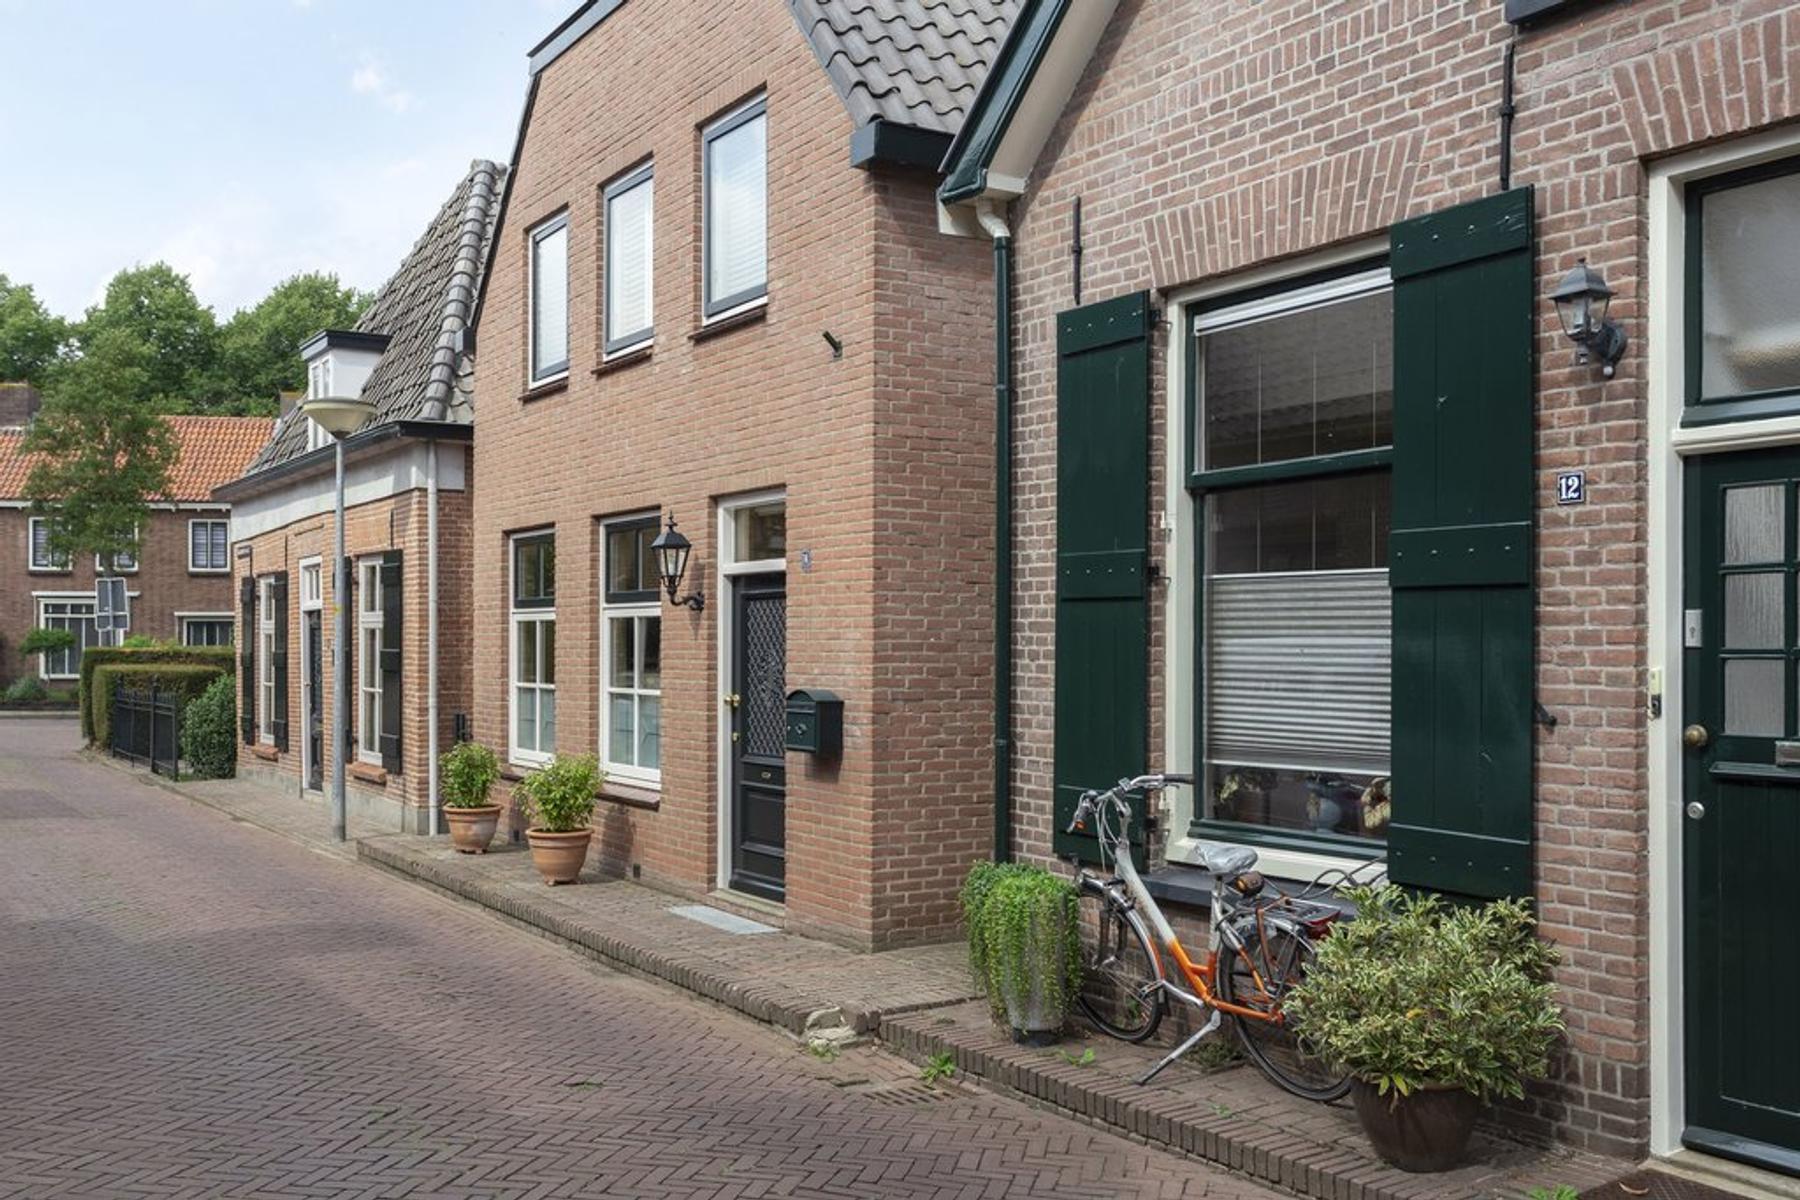 Nieuwstraat 14 in Doesburg 6981 AJ